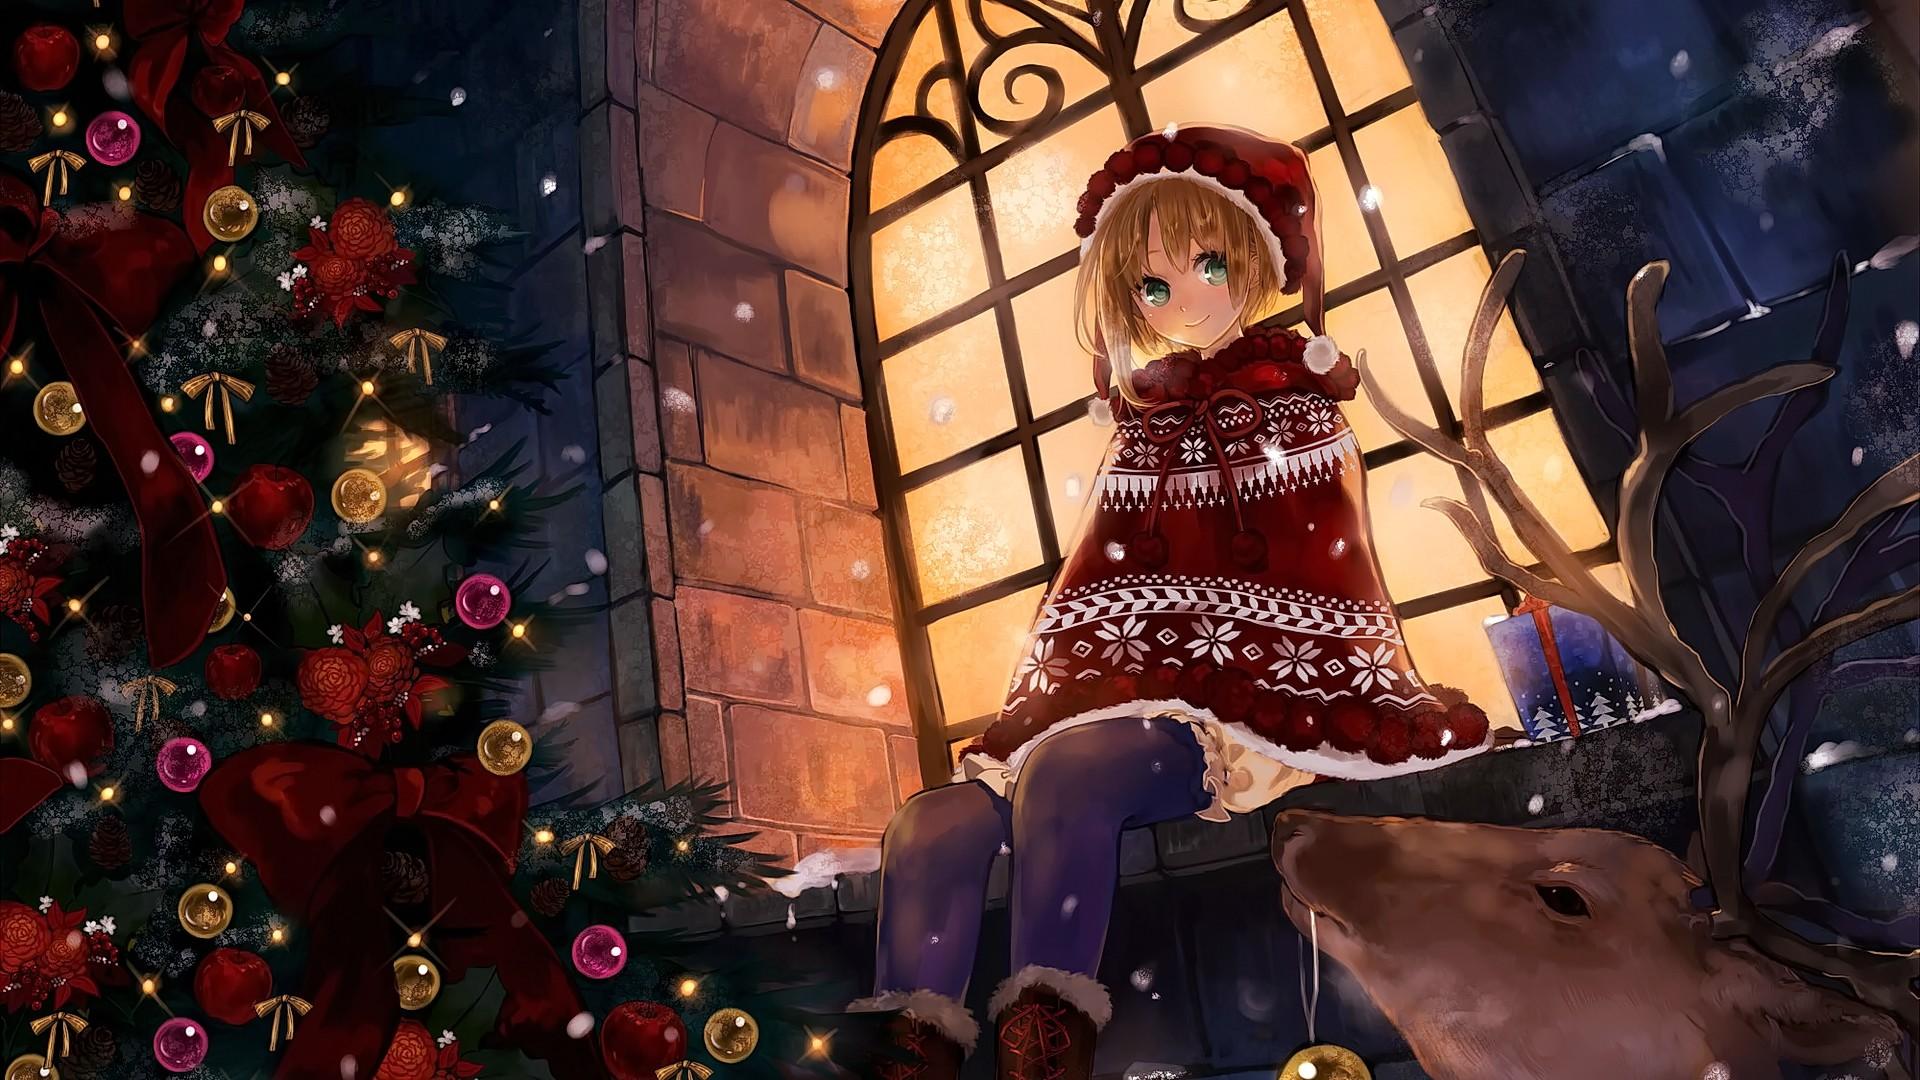 Sfondi Natalizi Originali.Sfondi Bionda Anime Girls Capelli Corti Guardando Spettatore